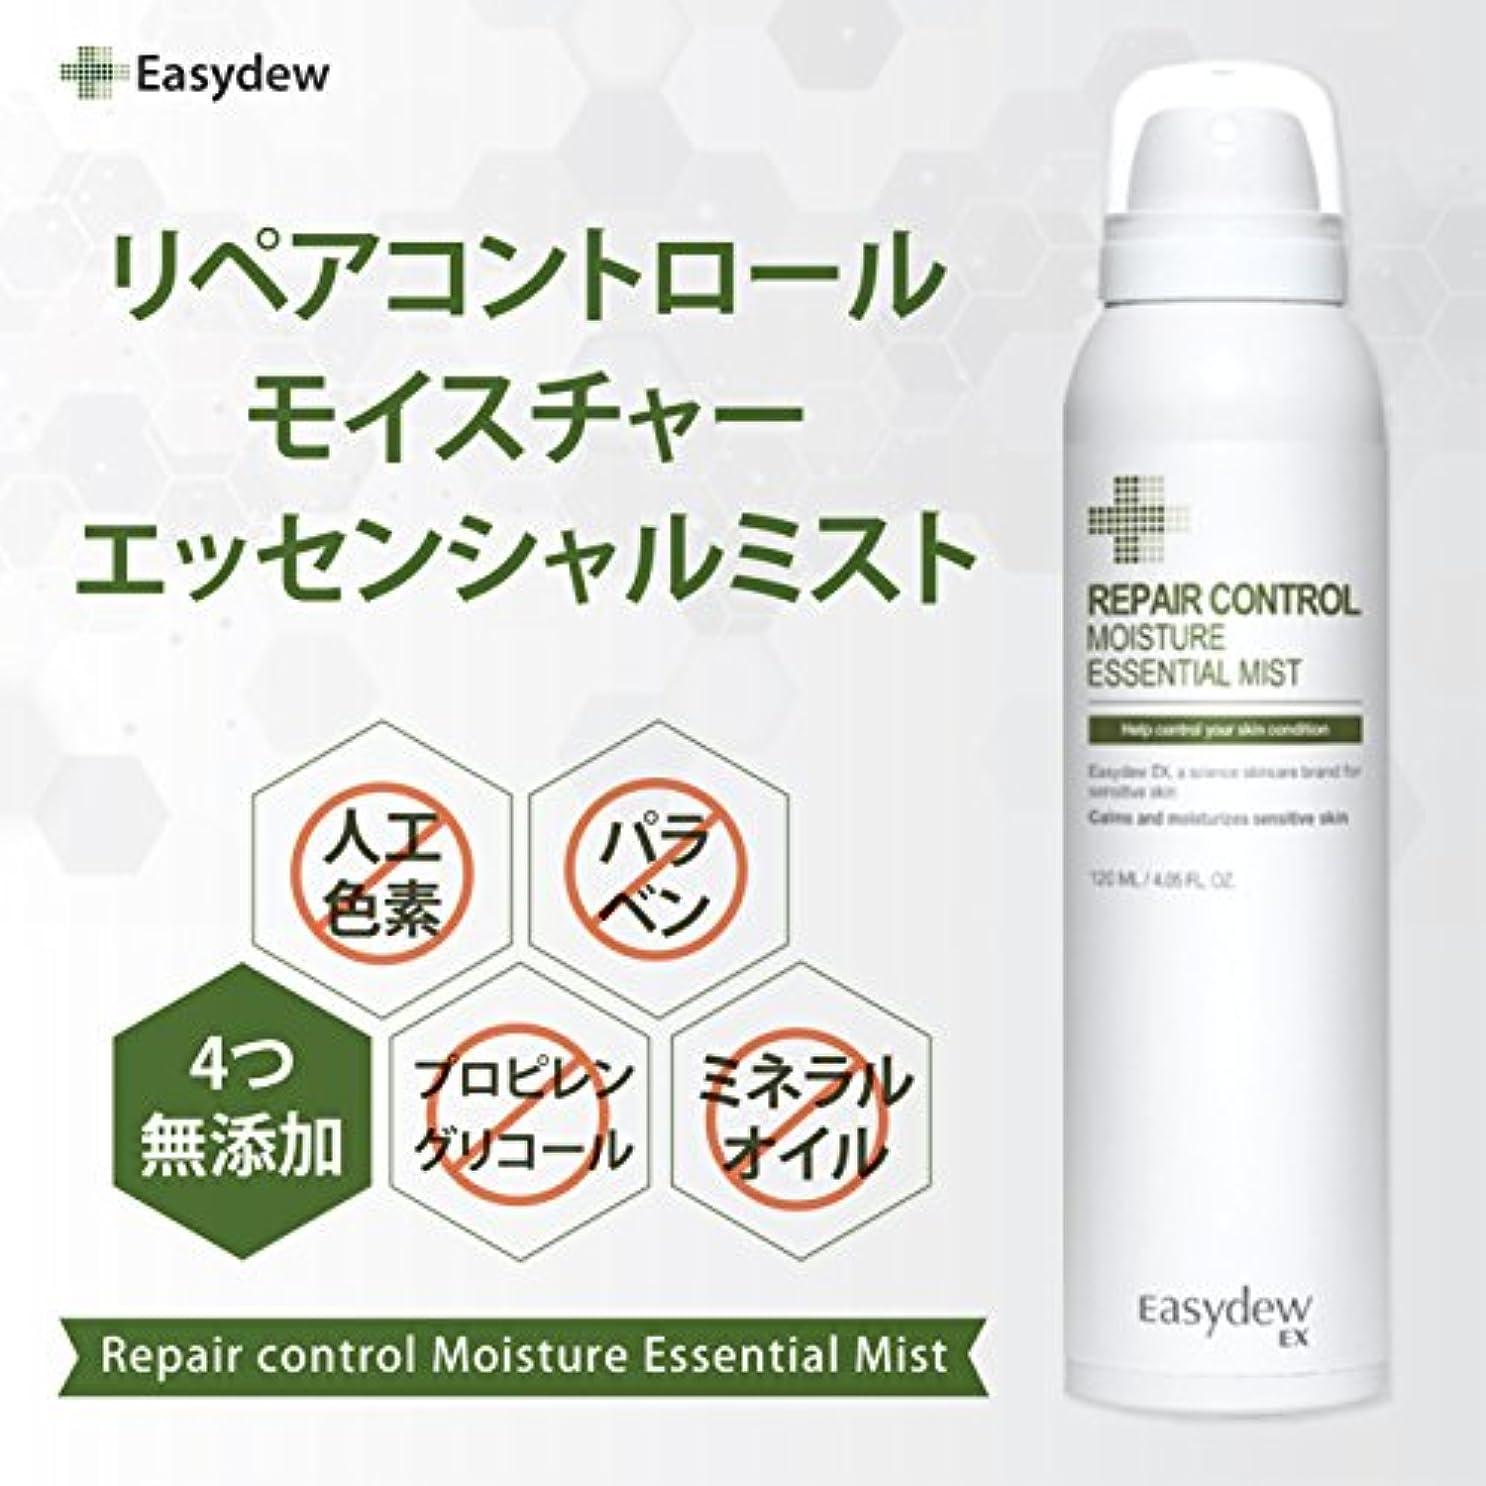 アマゾンジャングルはさみ水没EASYDEW EX リペア コントロール モイスチャー エッセンシャル ミスト Repair Control Moisture Essential Mist 120ml